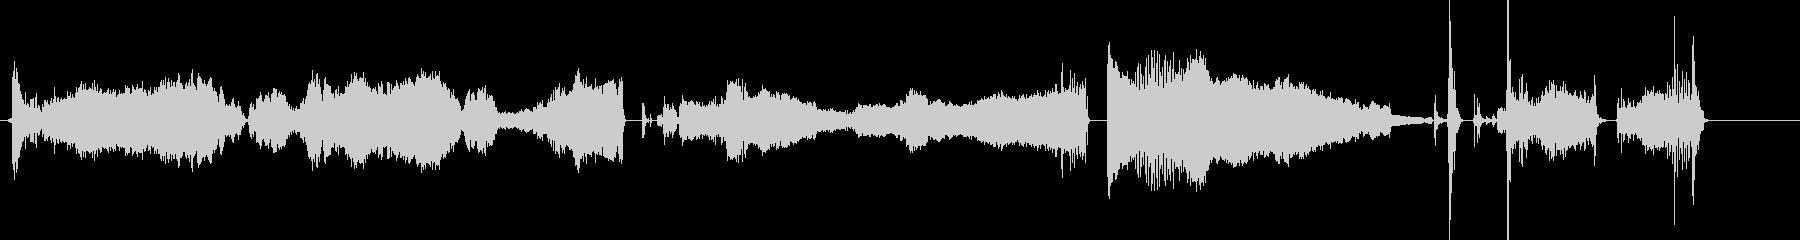 ドアクリーク;ウッドドアクリーク、遅いの未再生の波形